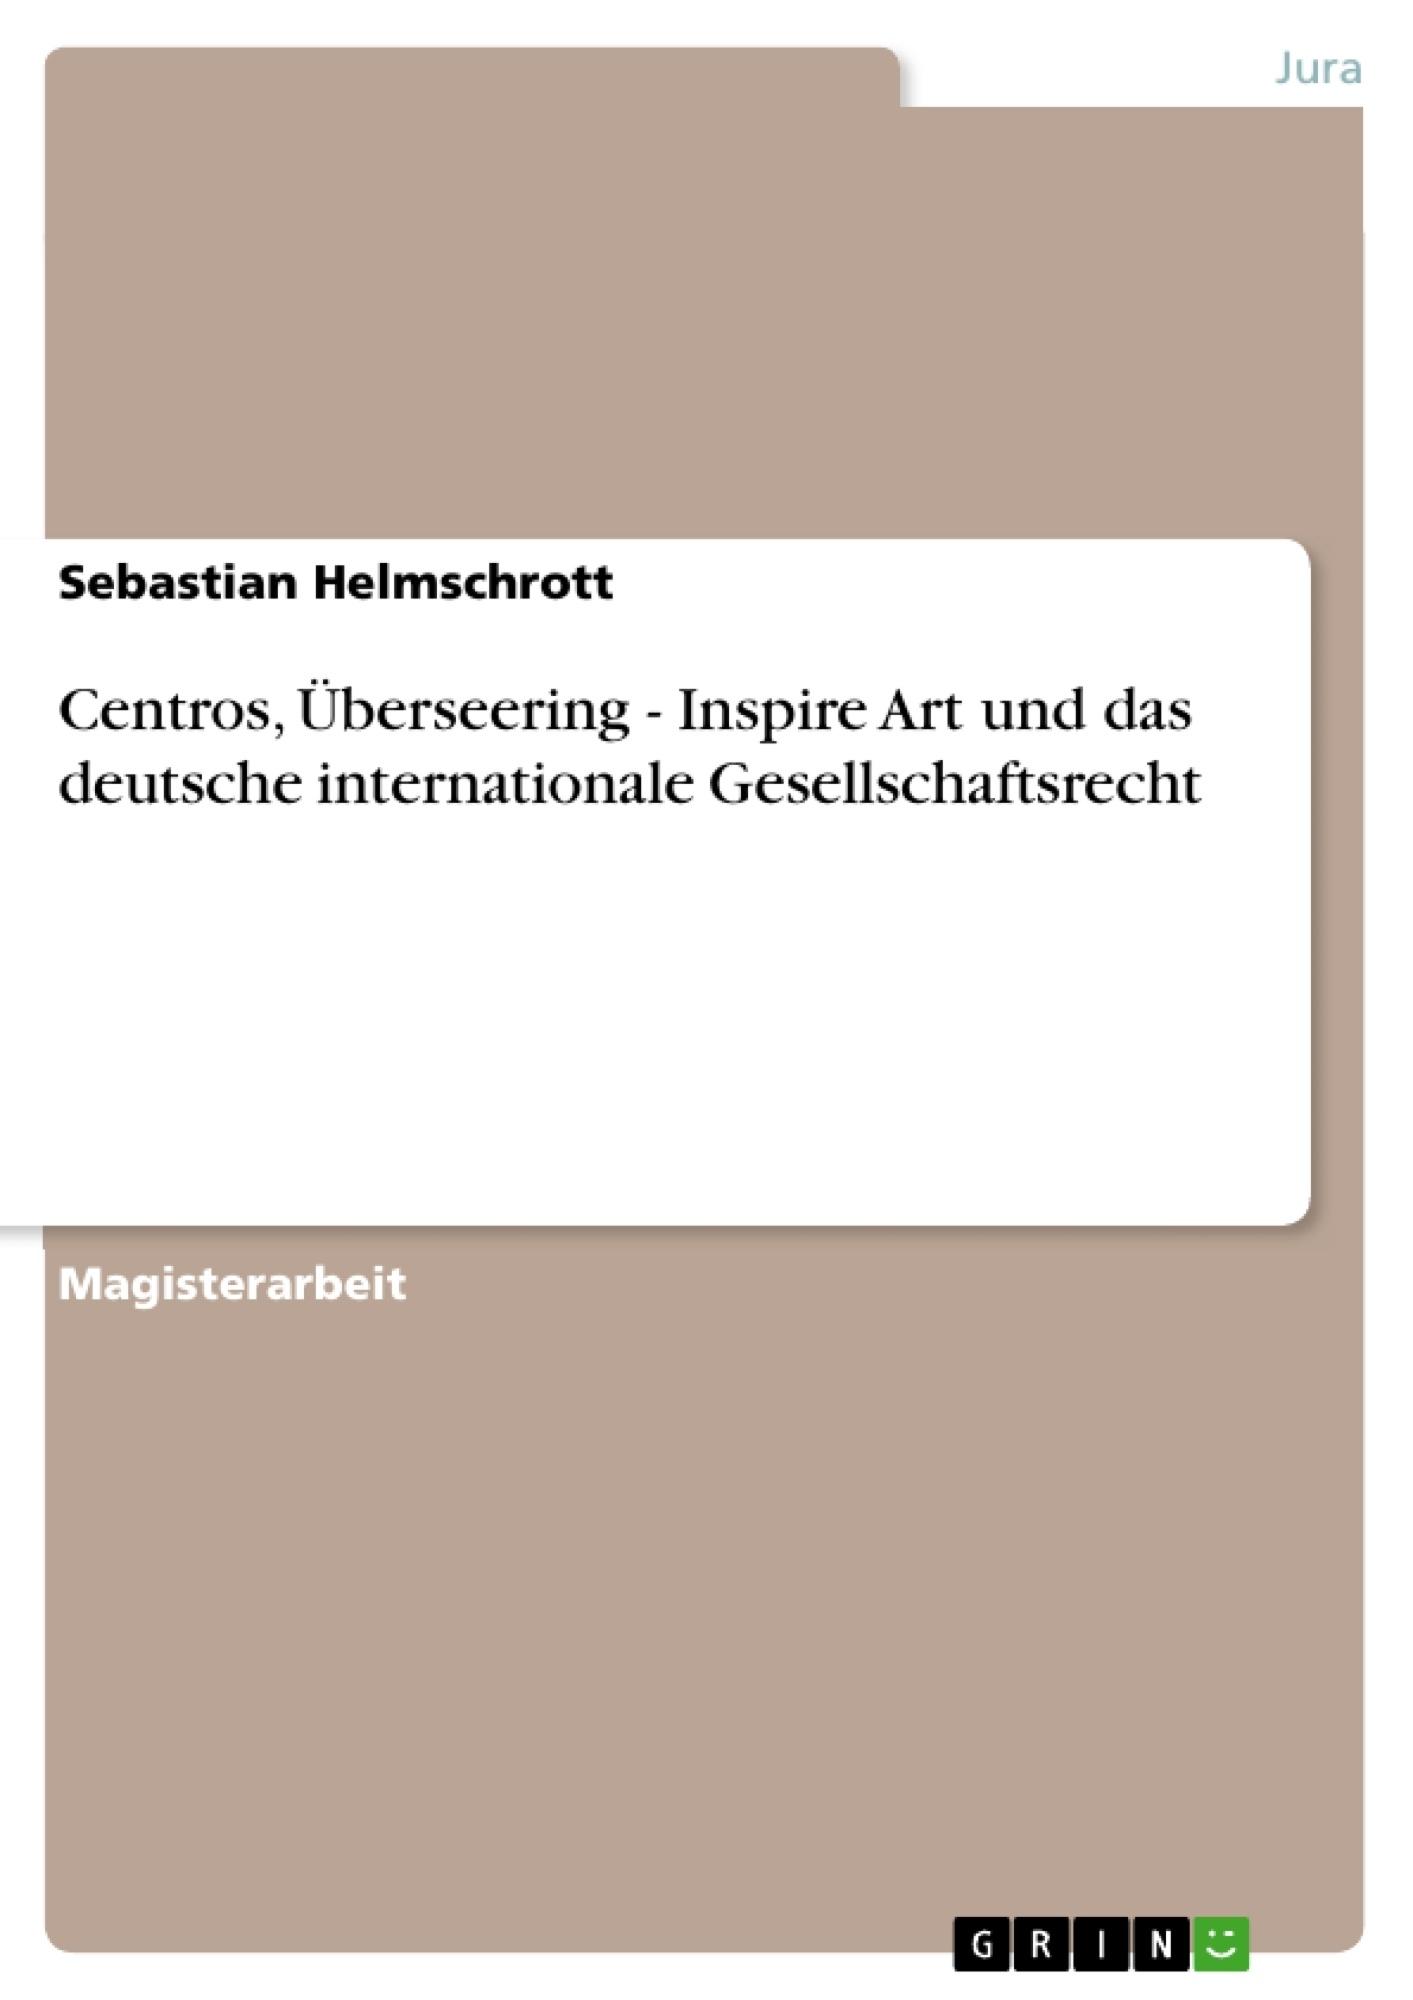 Titel: Centros, Überseering - Inspire Art und das deutsche internationale Gesellschaftsrecht